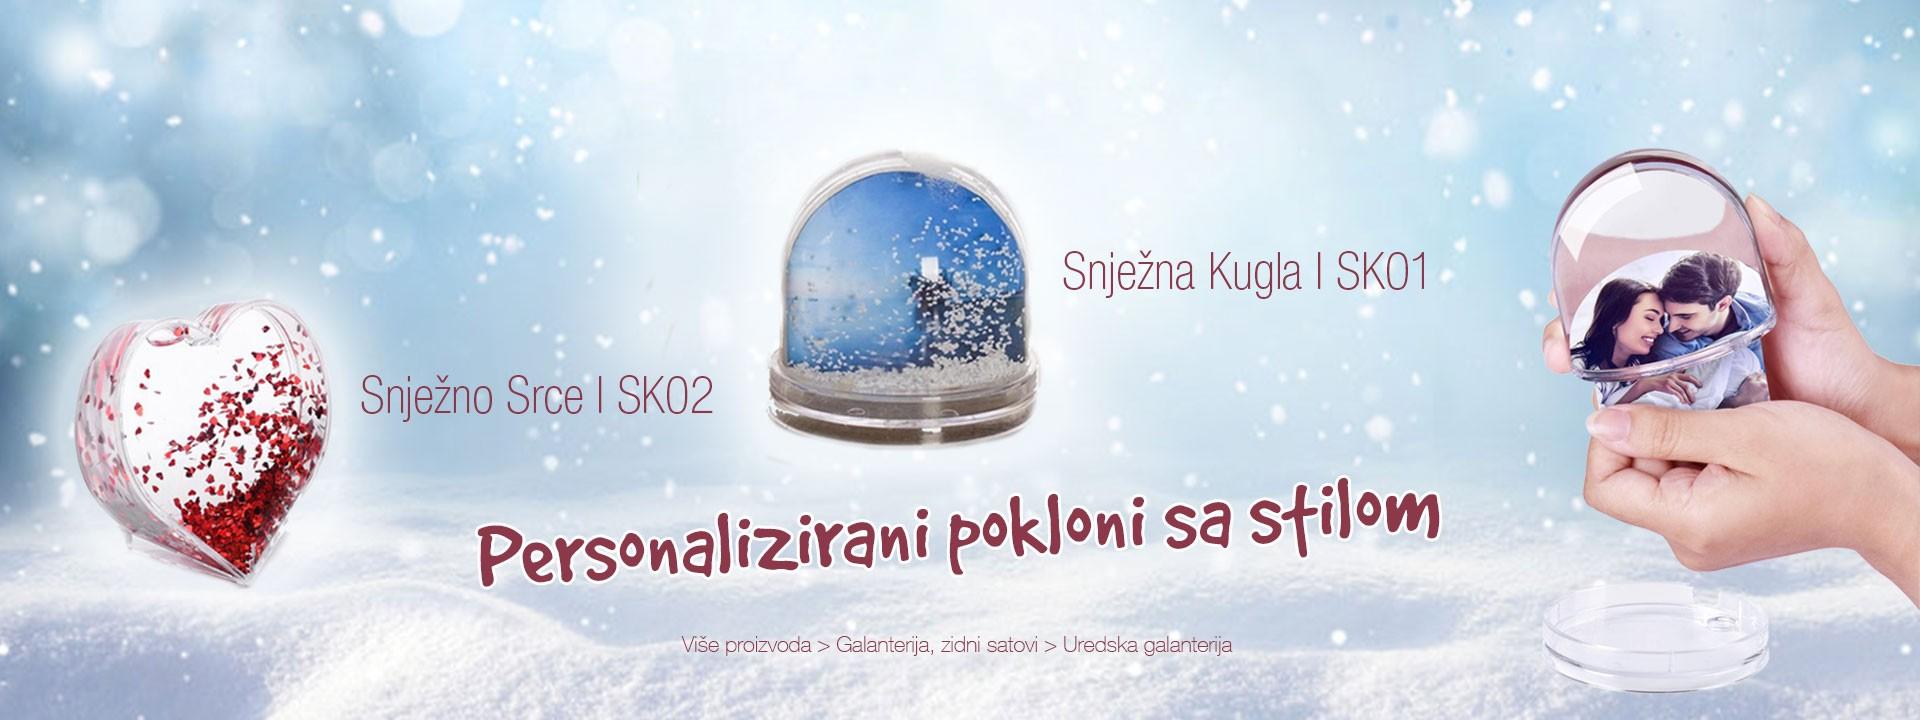 Snježne kugle